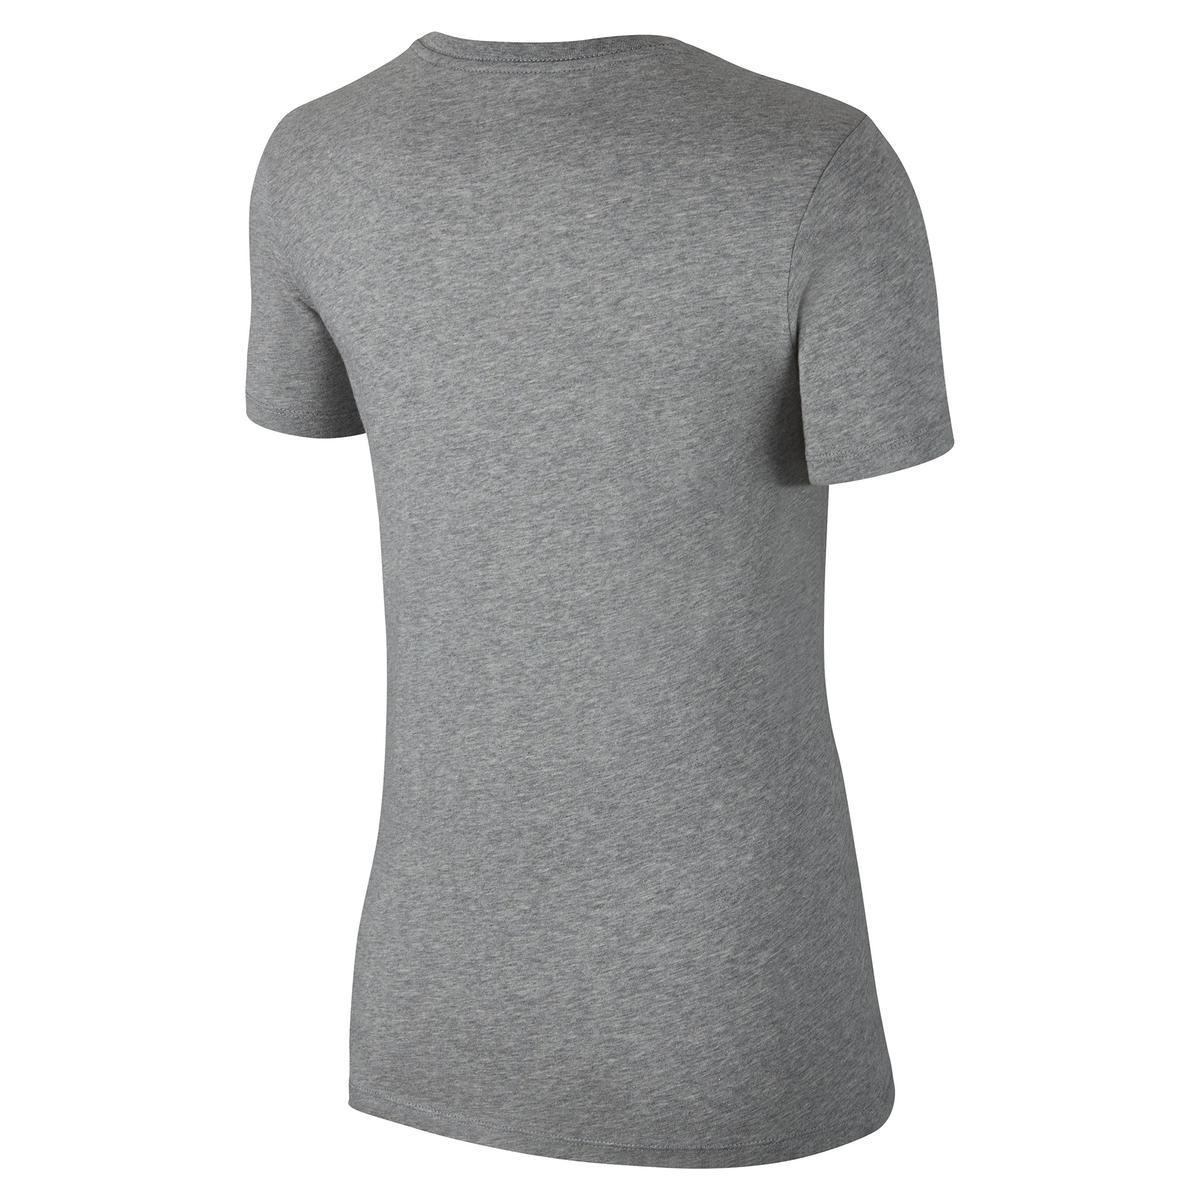 Imagen secundaria de producto de Camiseta de manga corta con cuello redondo y logot - Nike